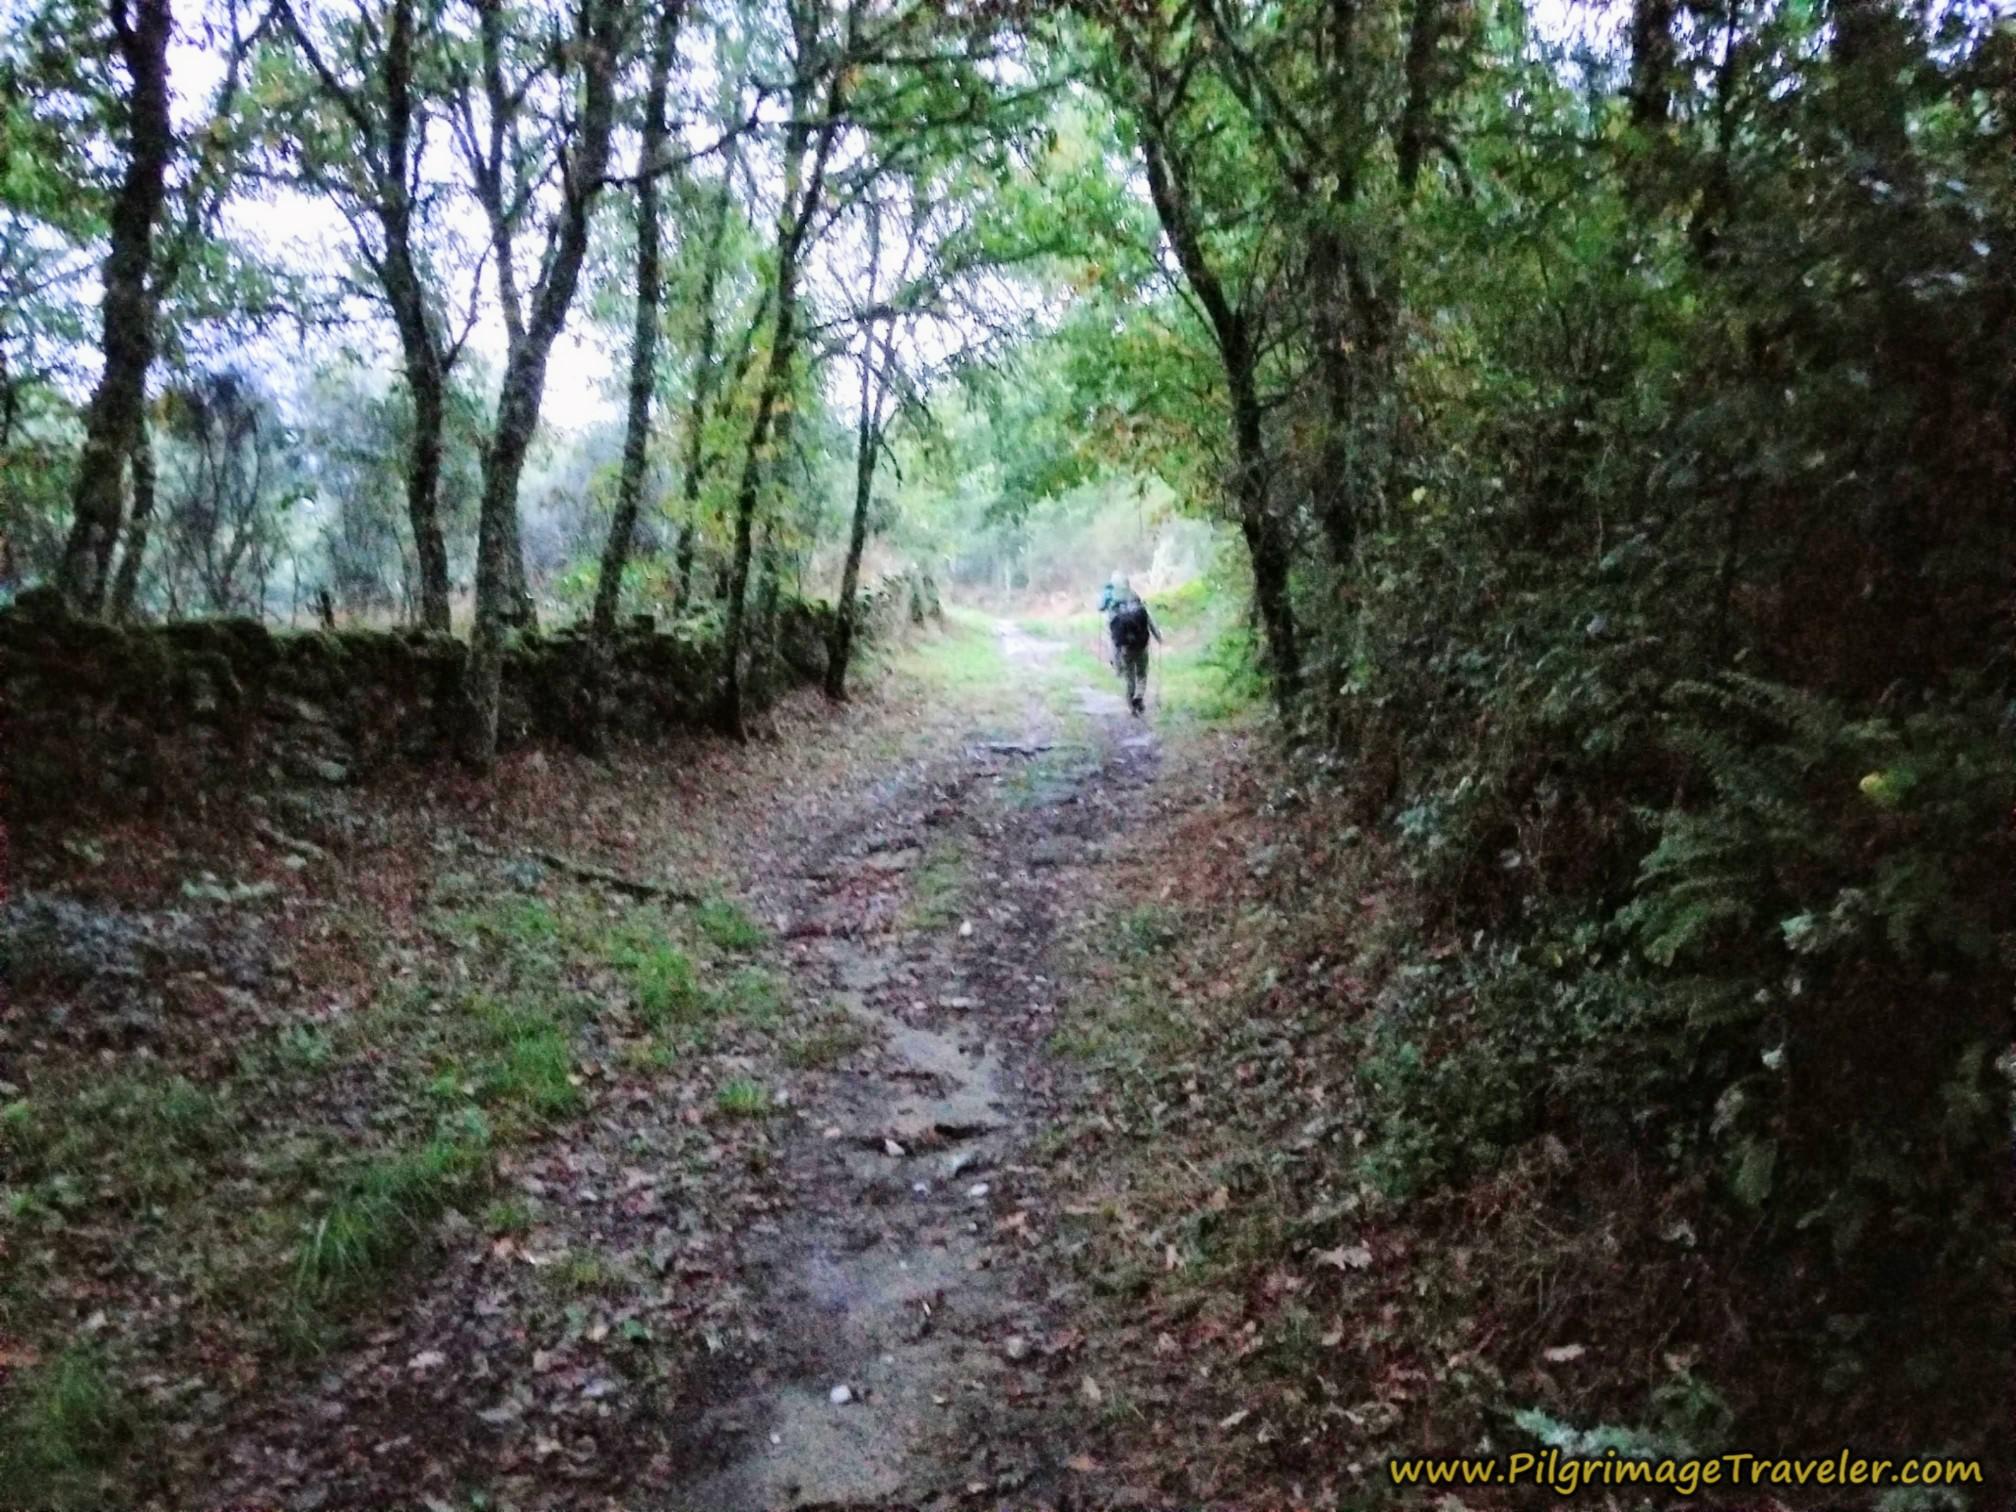 Parallel Lane Toward Outorelo, Camino Sanabrés, Xunqueira de Ambía to Ourense